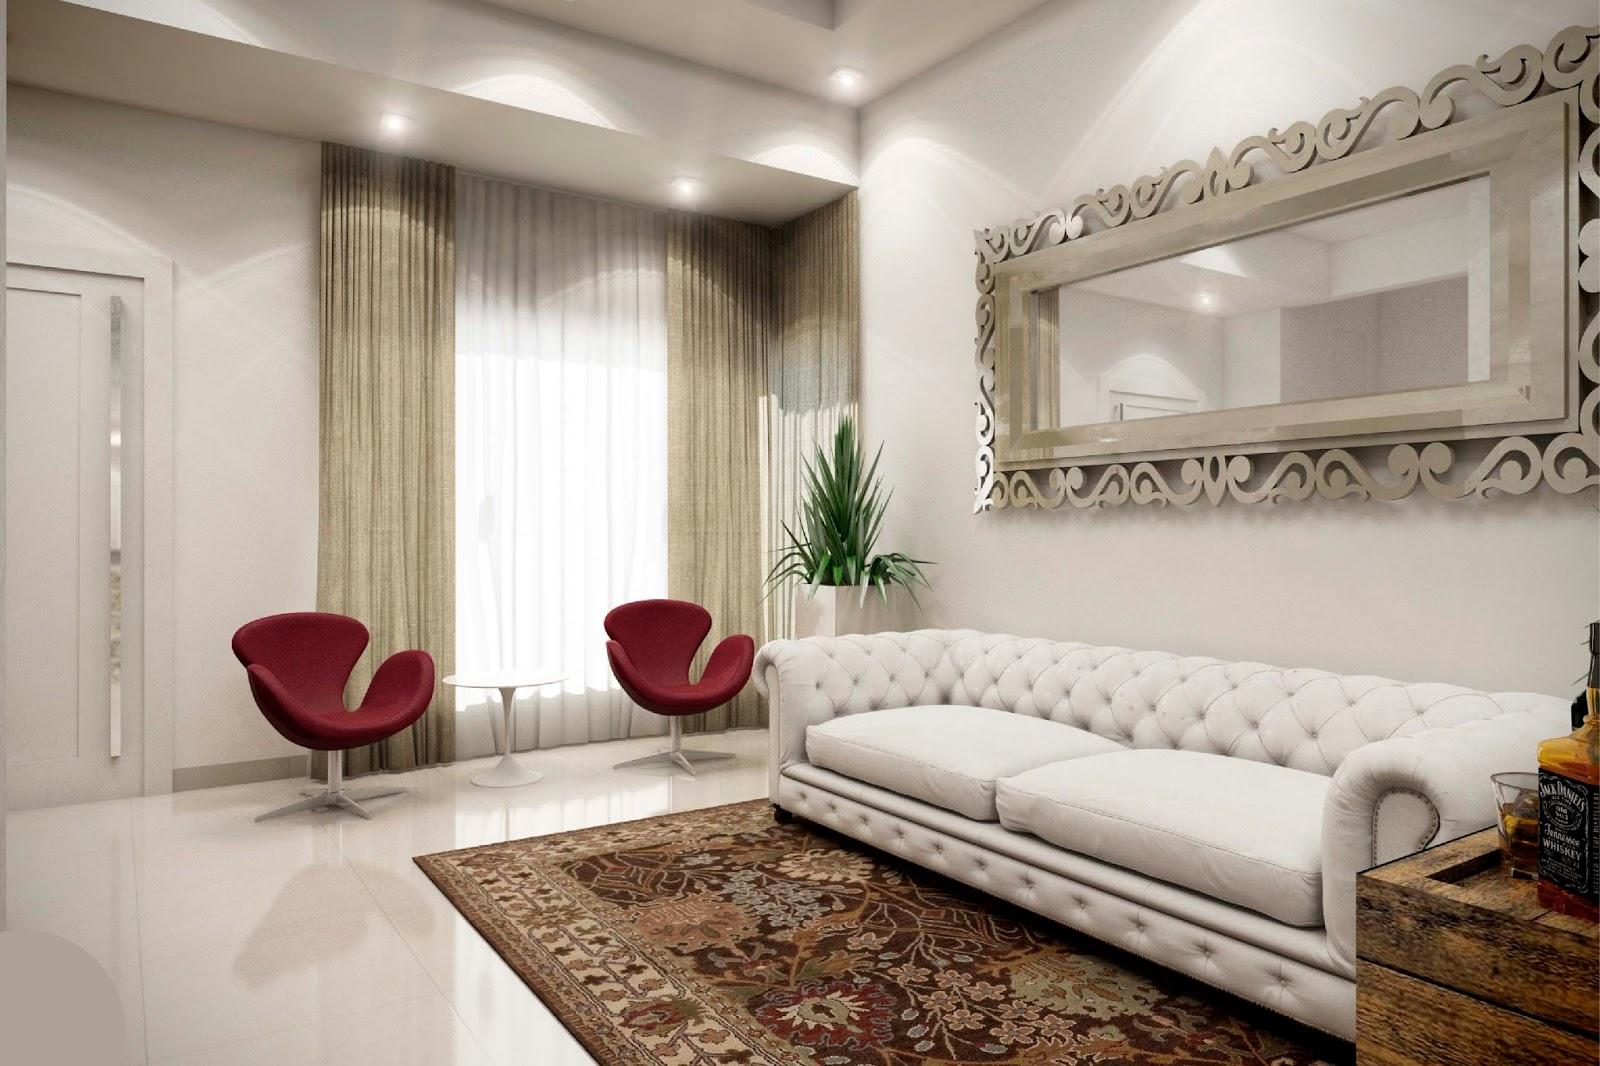 #A77724 Decoracao De Sala De Jantar E Estar 6 Jpg Home Center 1600x1066 píxeis em Decoração De Sala De Estar Com Espelhos